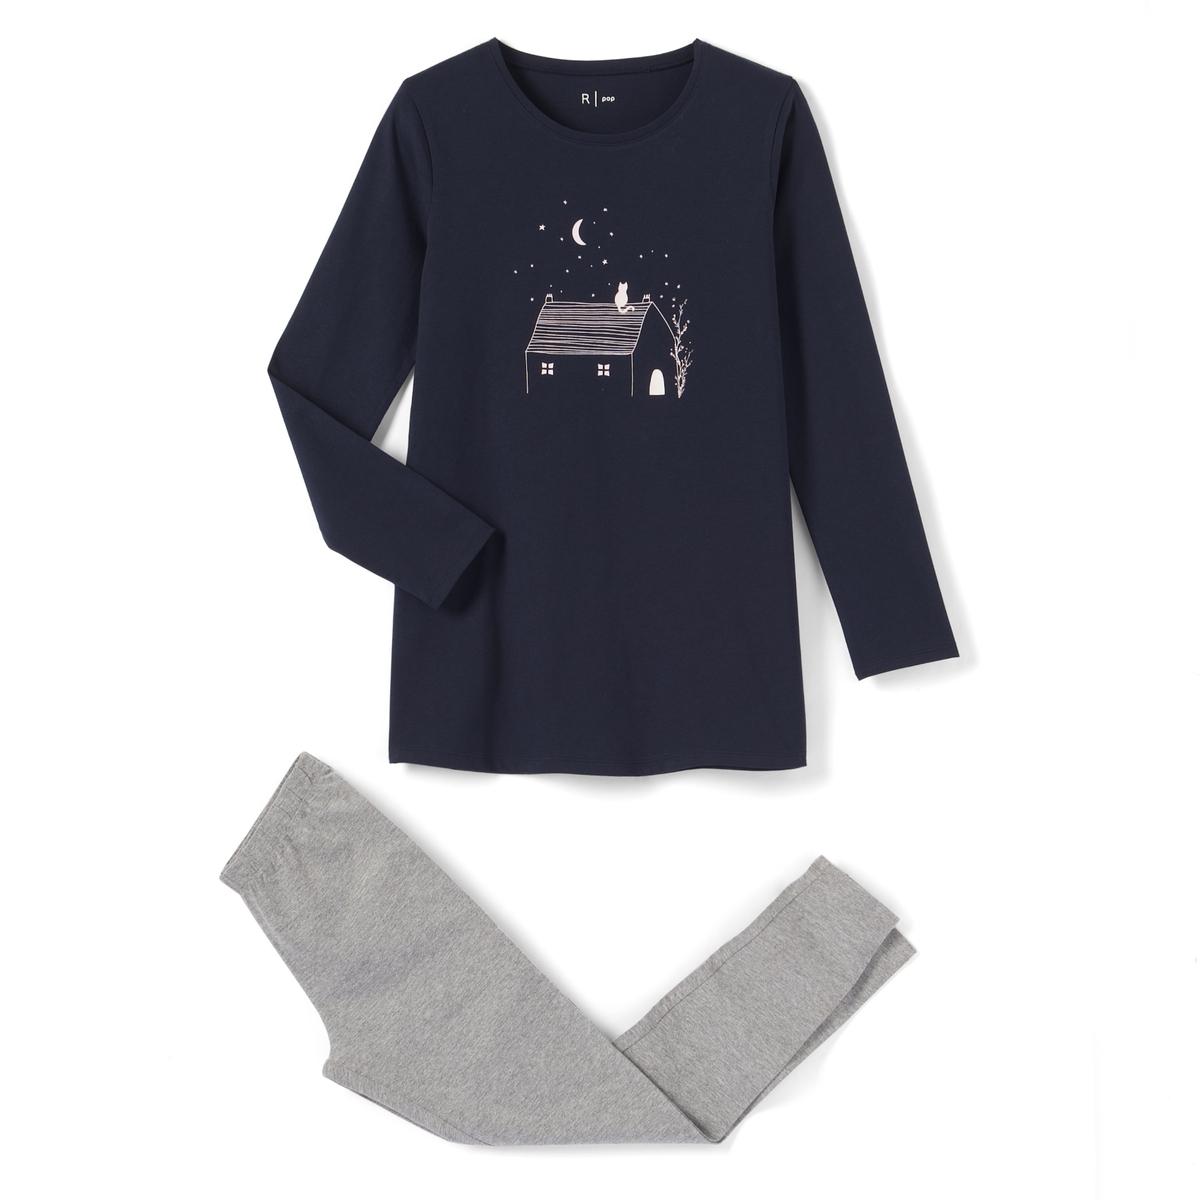 Пижама хлопковая, 10-16 летОписание:Пижама состоит из футболки с длинными рукавами и леггинсов . Футболка с рисунком ночной пейзаж спереди. Круглый вырез. Длинные леггинсы на эластичном поясе.Состав и описание : Материал      Футболка из джерси, 100% хлопок                 Леггинсы из трикотажа стрейч, 95% хлопка, 5% эластанаУход : Машинная стирка при 30°C с вещами подобных цветов.Стирка и глажка с изнаночной стороны.Машинная сушка на умеренном режиме.Гладить при низкой температуре.<br><br>Цвет: синий морской<br>Размер: 16 лет.14 лет.12 лет -150 см